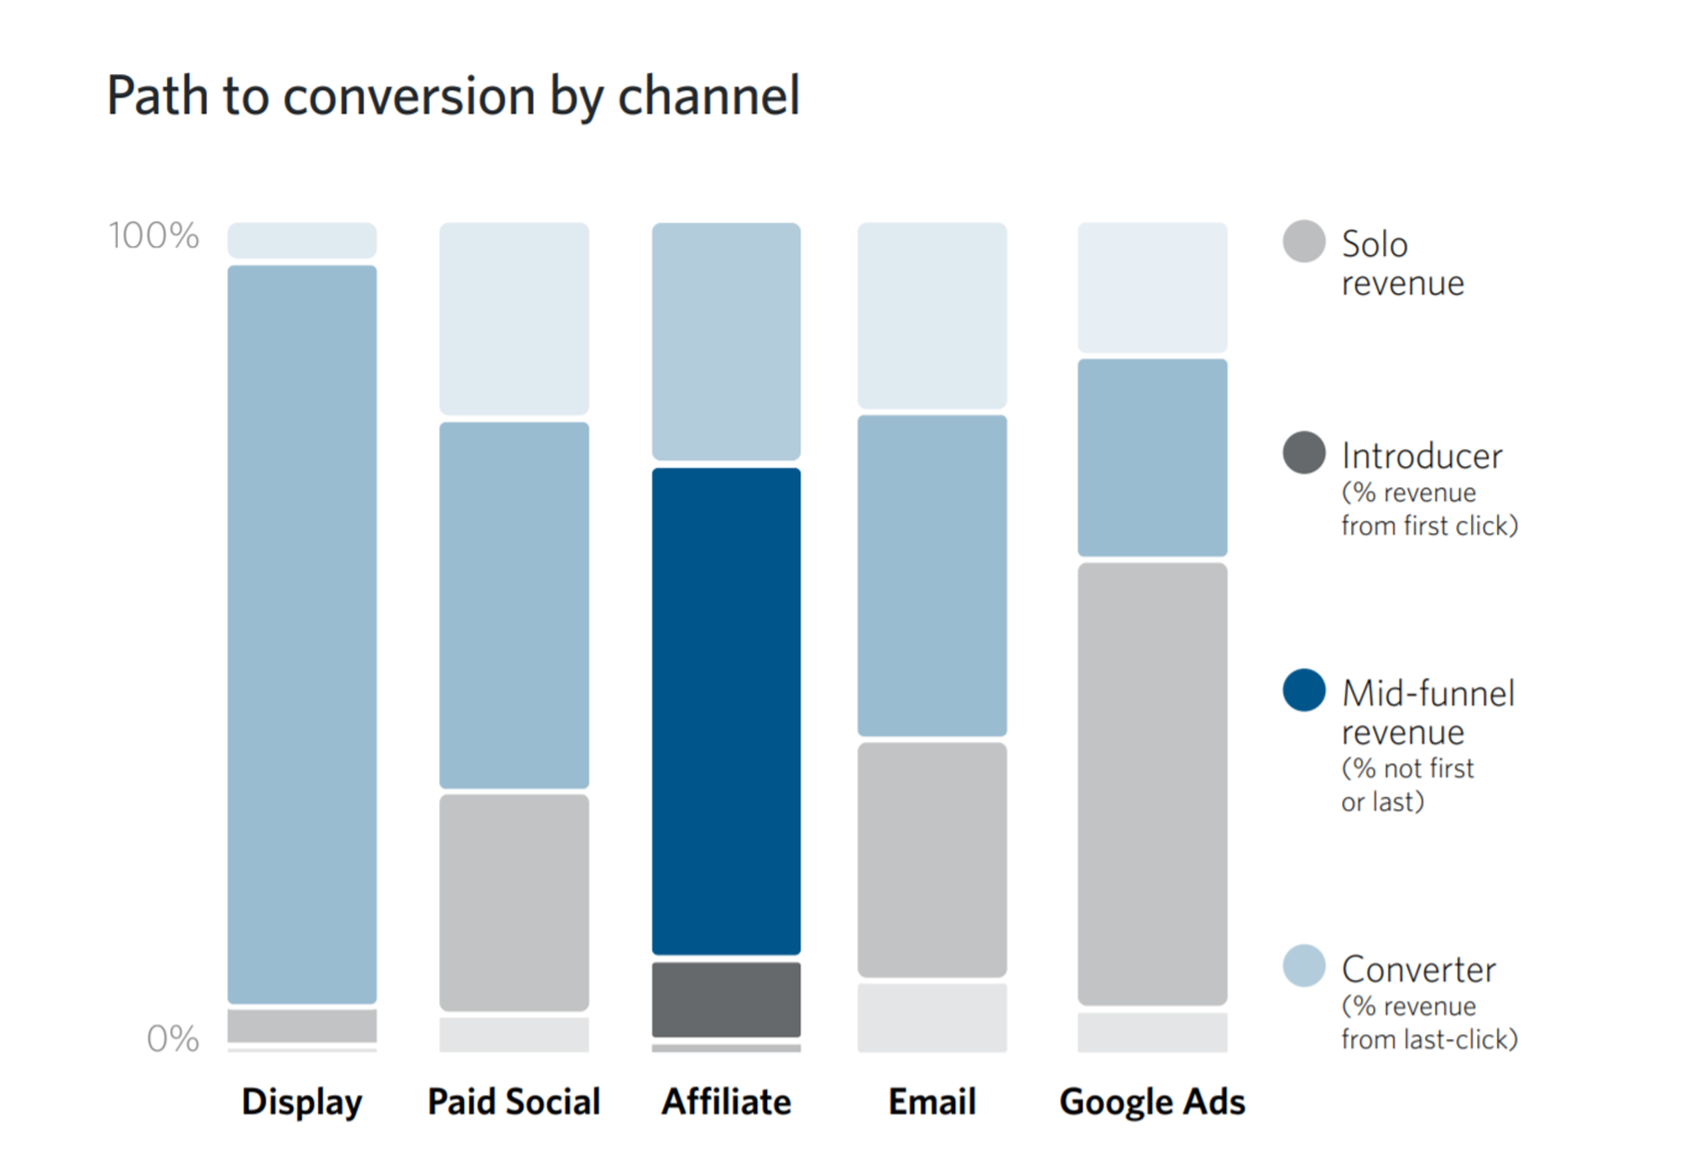 Grafik Aktivitäten der Kanäle nach Wirkung in der Customer Journey